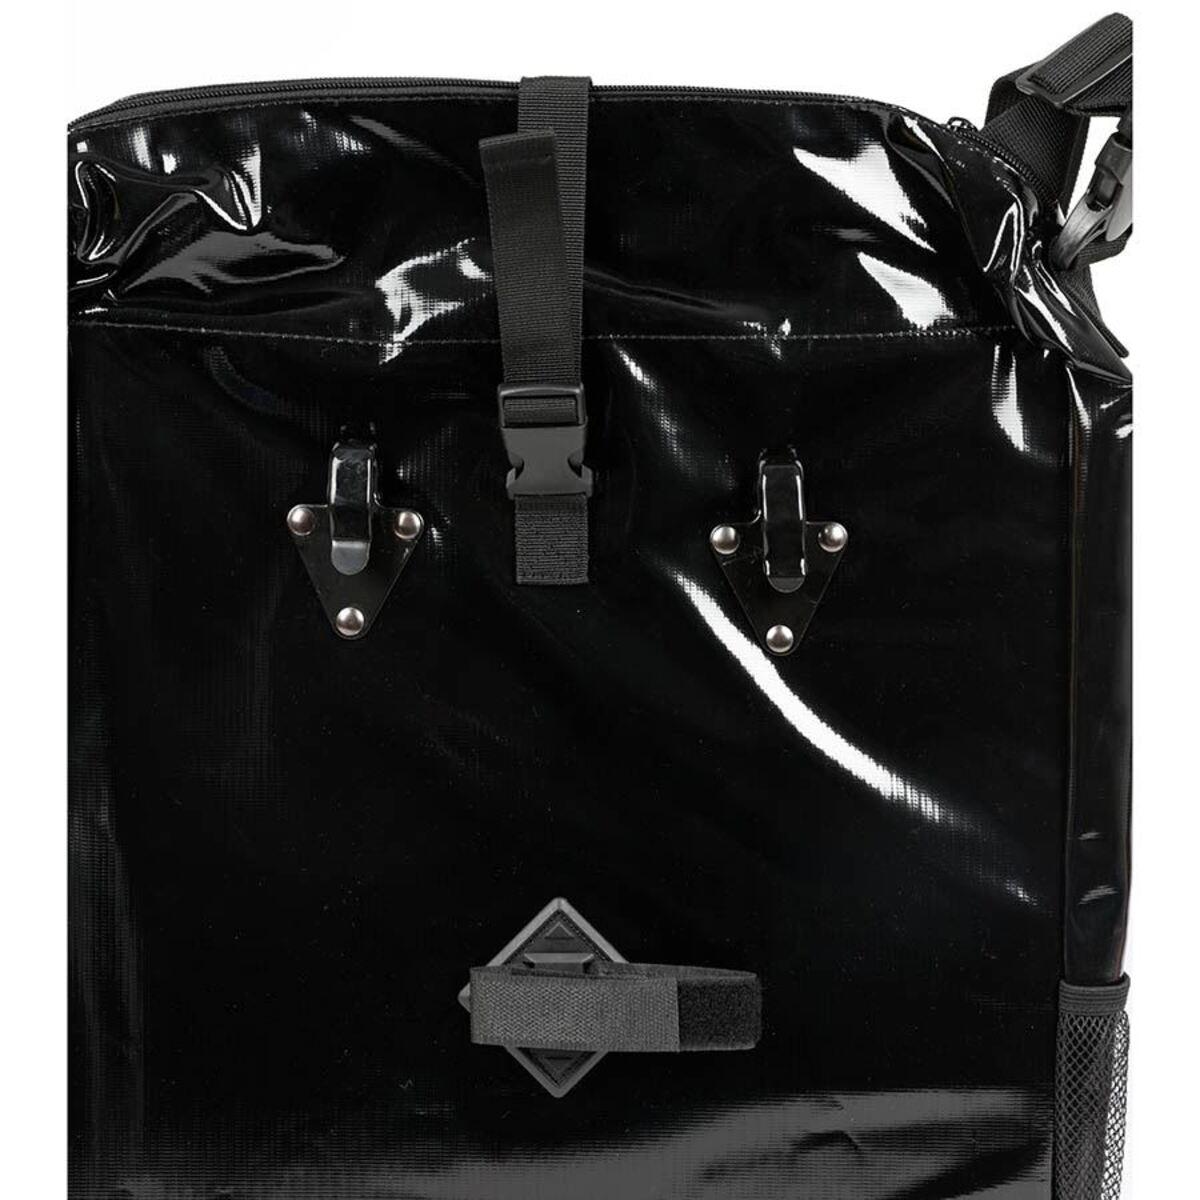 Bild 4 von Filmer Tarpaulin-Fahrradtasche mit Schulterriemen 32L Grau